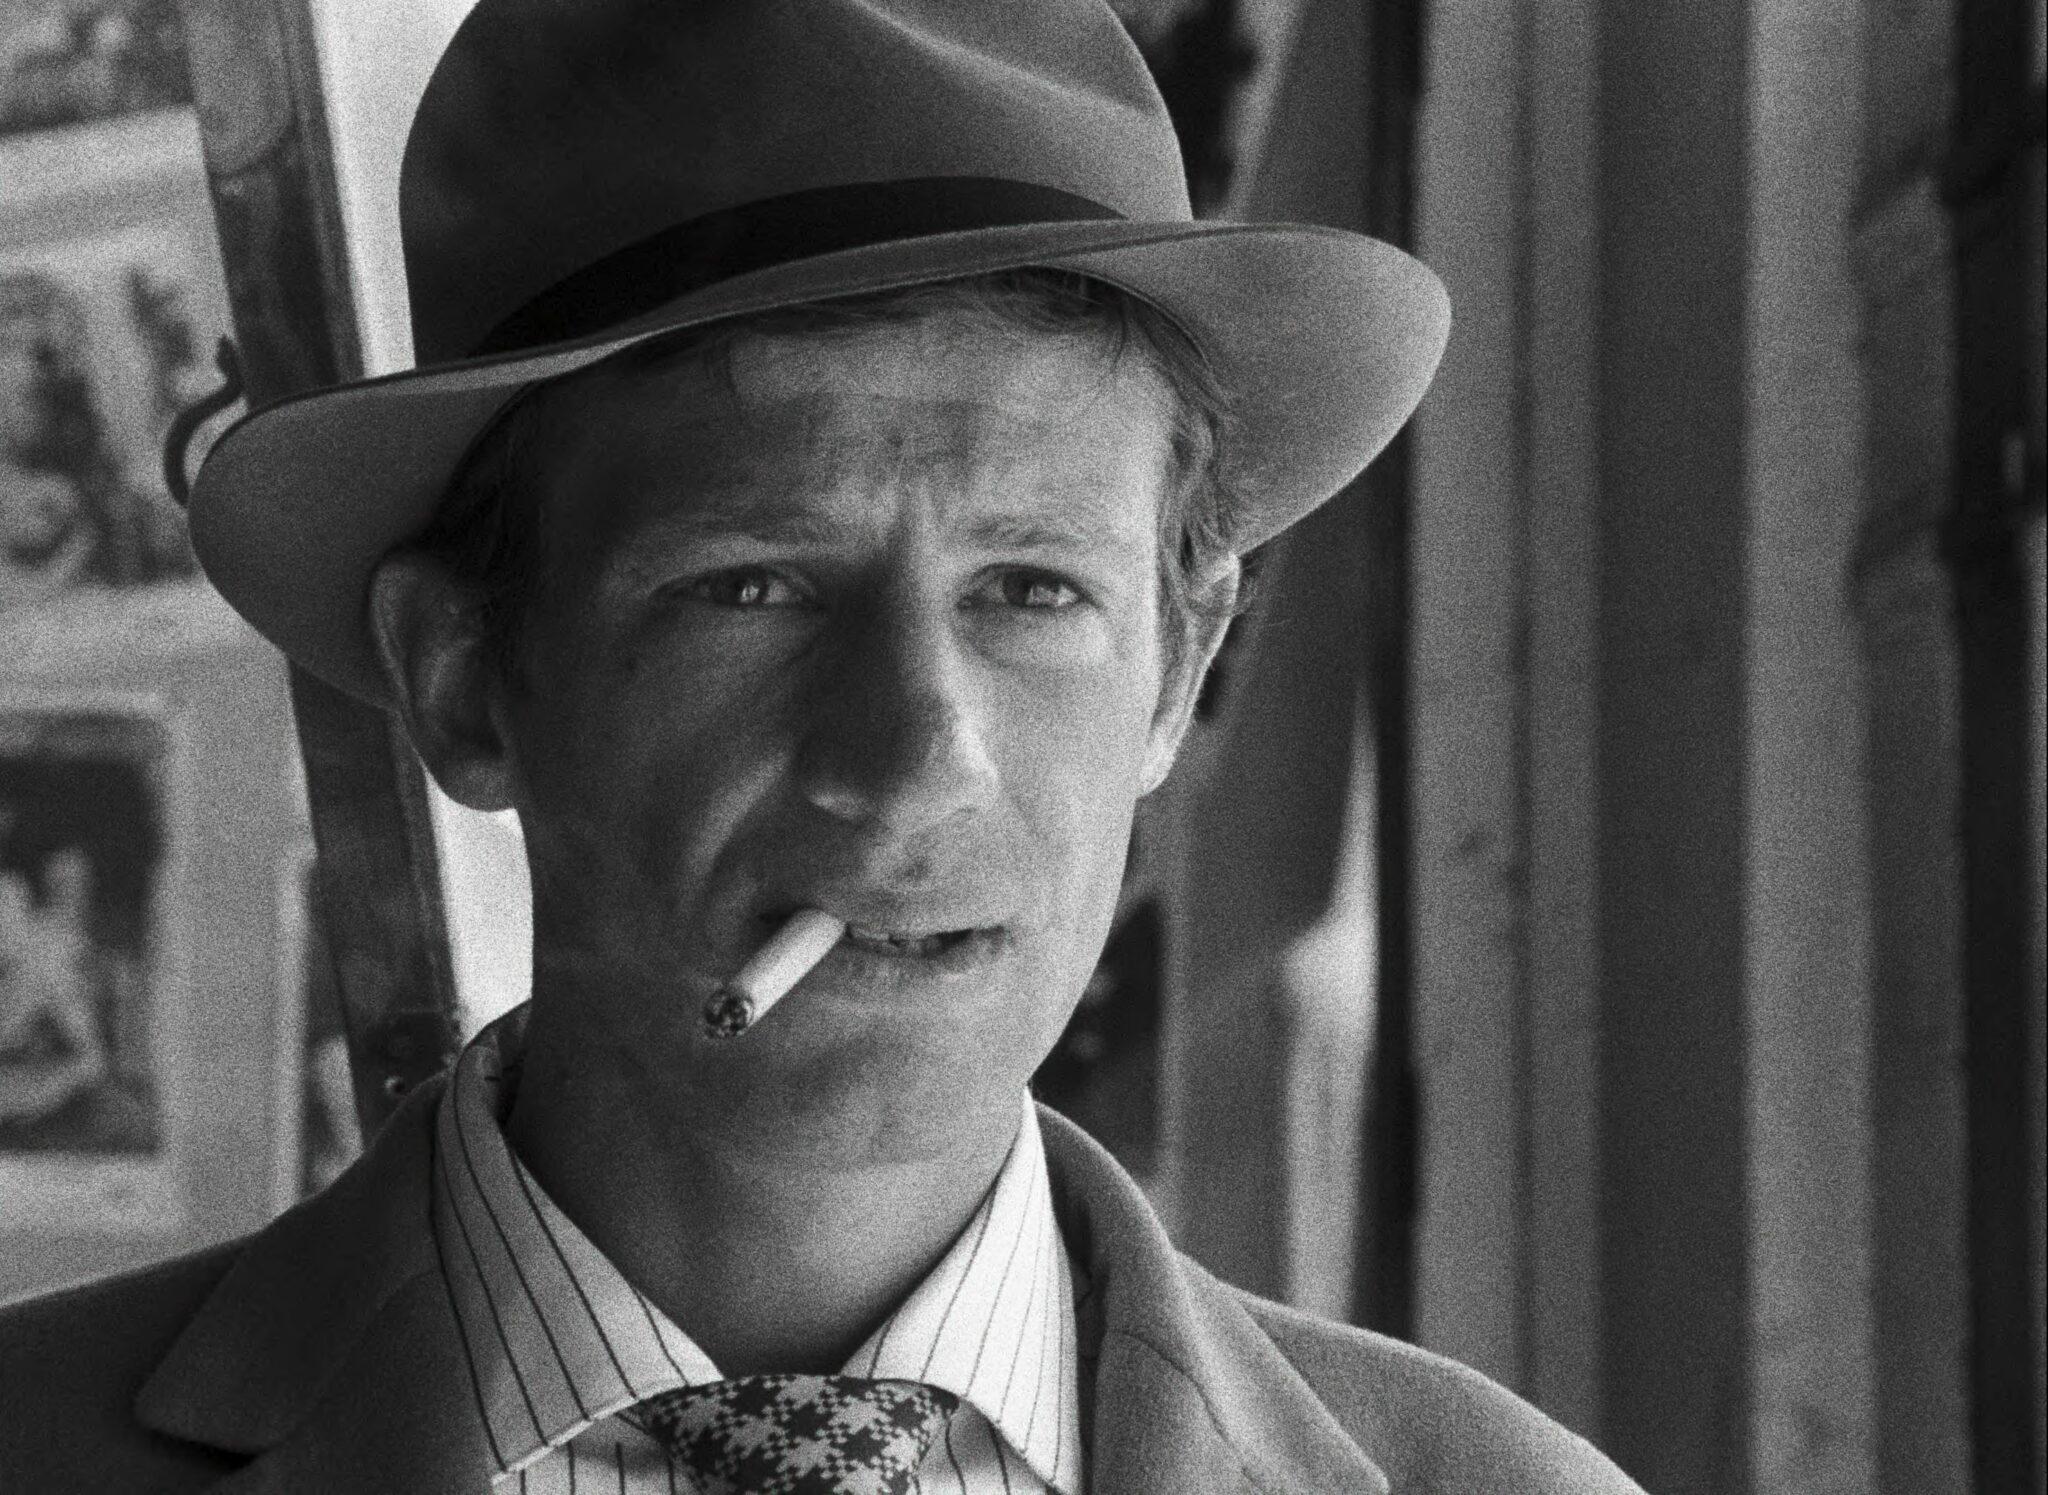 Michel (Jean-Paul Belmondo) in Außer Atem mit angestrengtem Blick. Er trägt einen Hut und lässt die Zigarette lässig im Mundwinkel liegen.